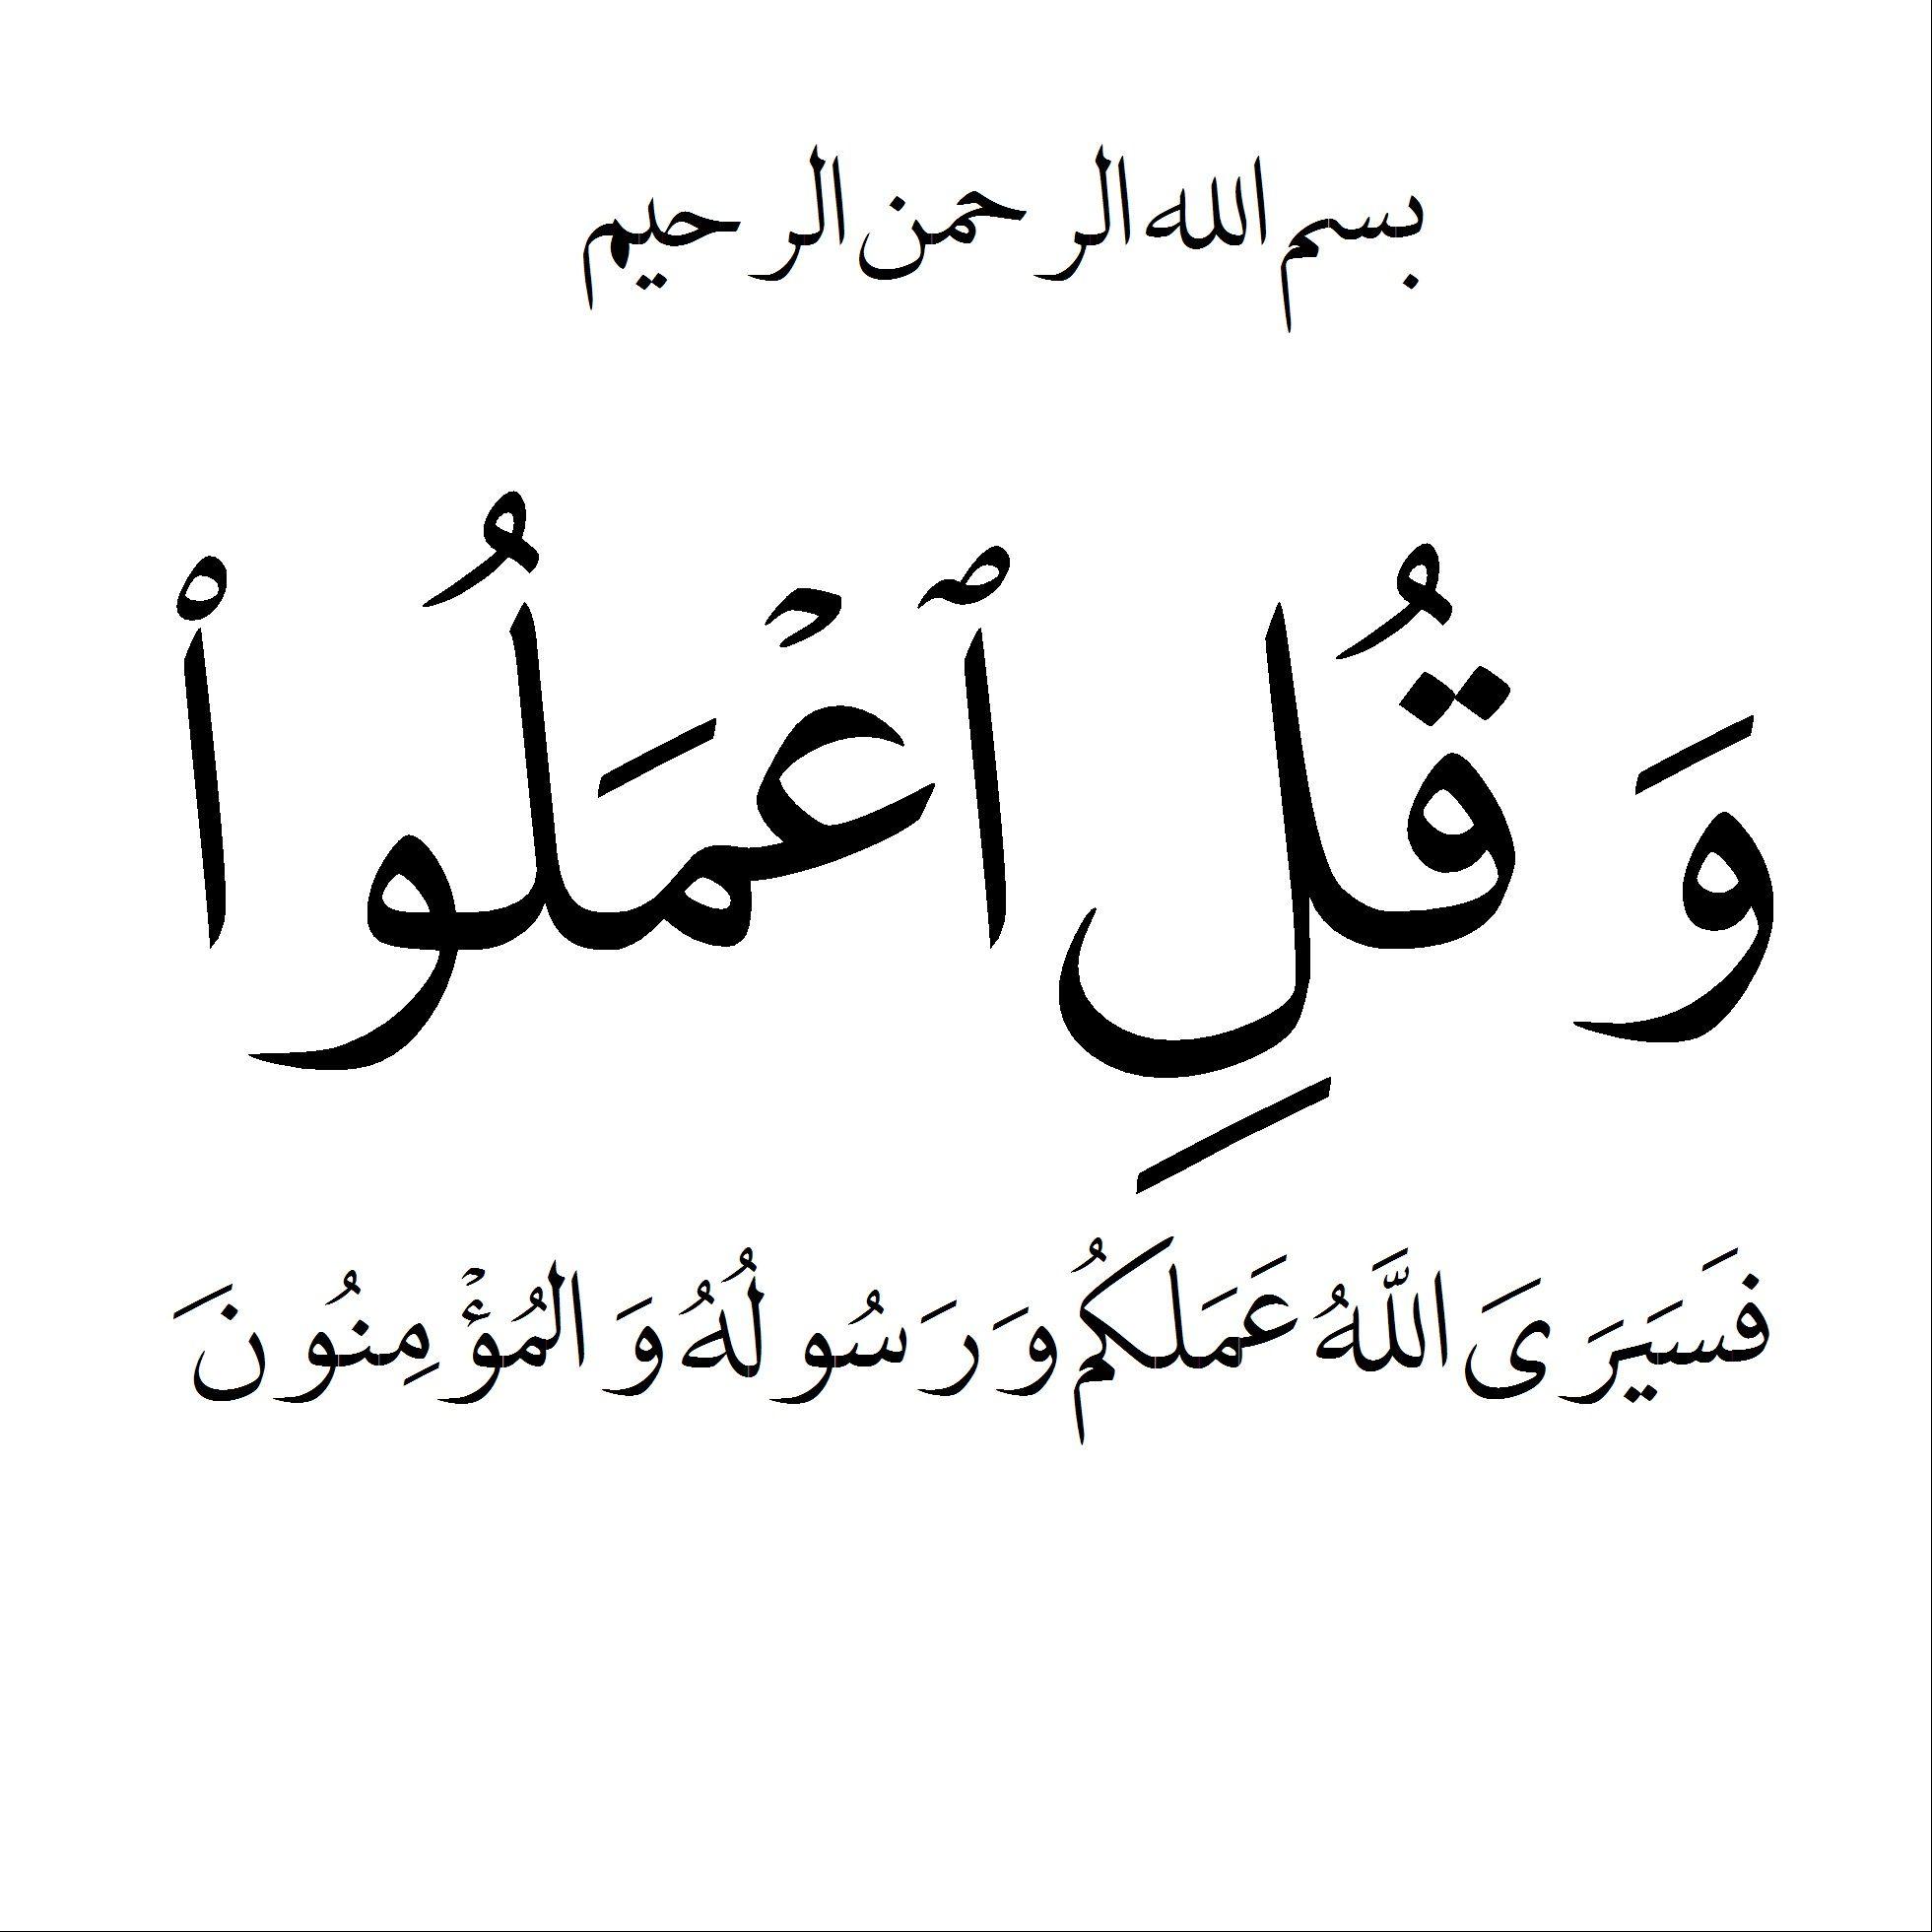 و قل اعلماوا فسيري اللع عملكم و رسولة و المؤمنون Quran Quotes Islamic Quotes Islam Quran